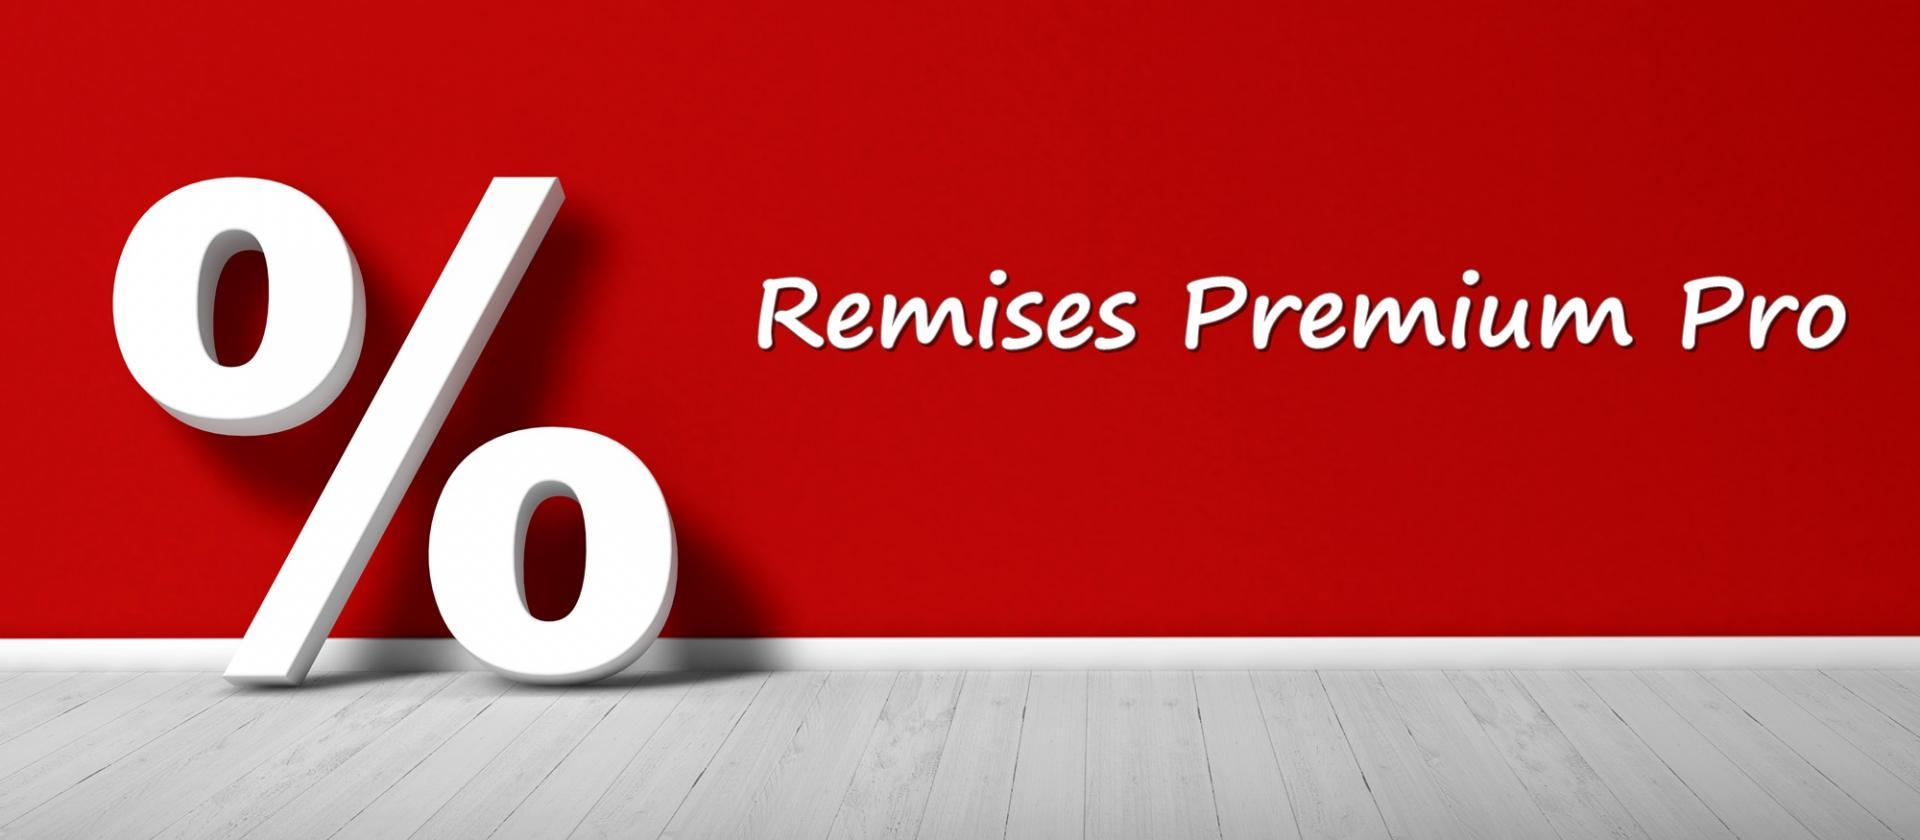 Remi premium